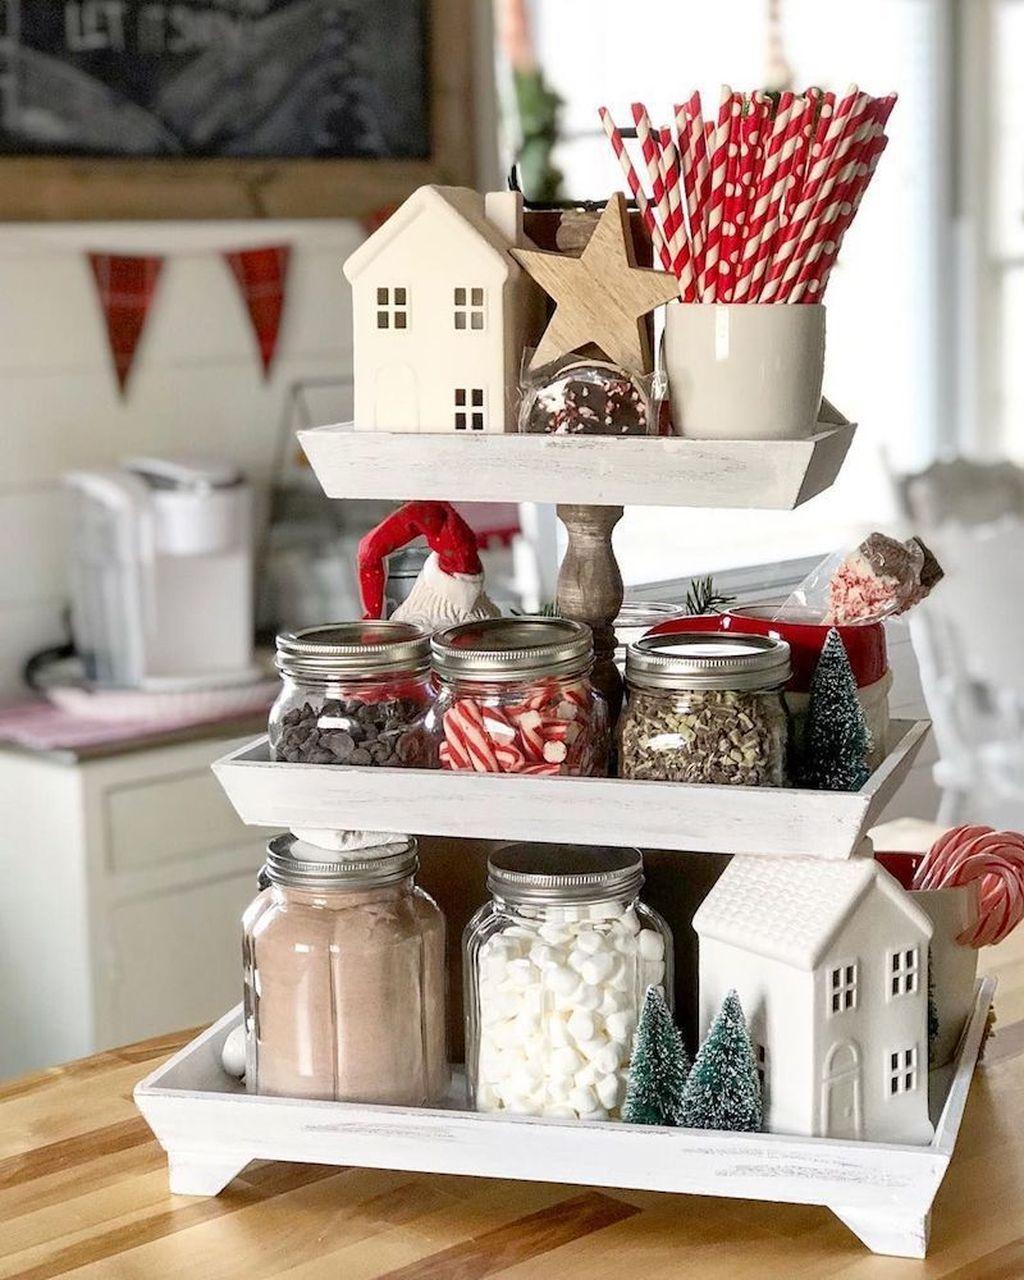 Awesome Christmas Theme Kitchen Decor Ideas 25